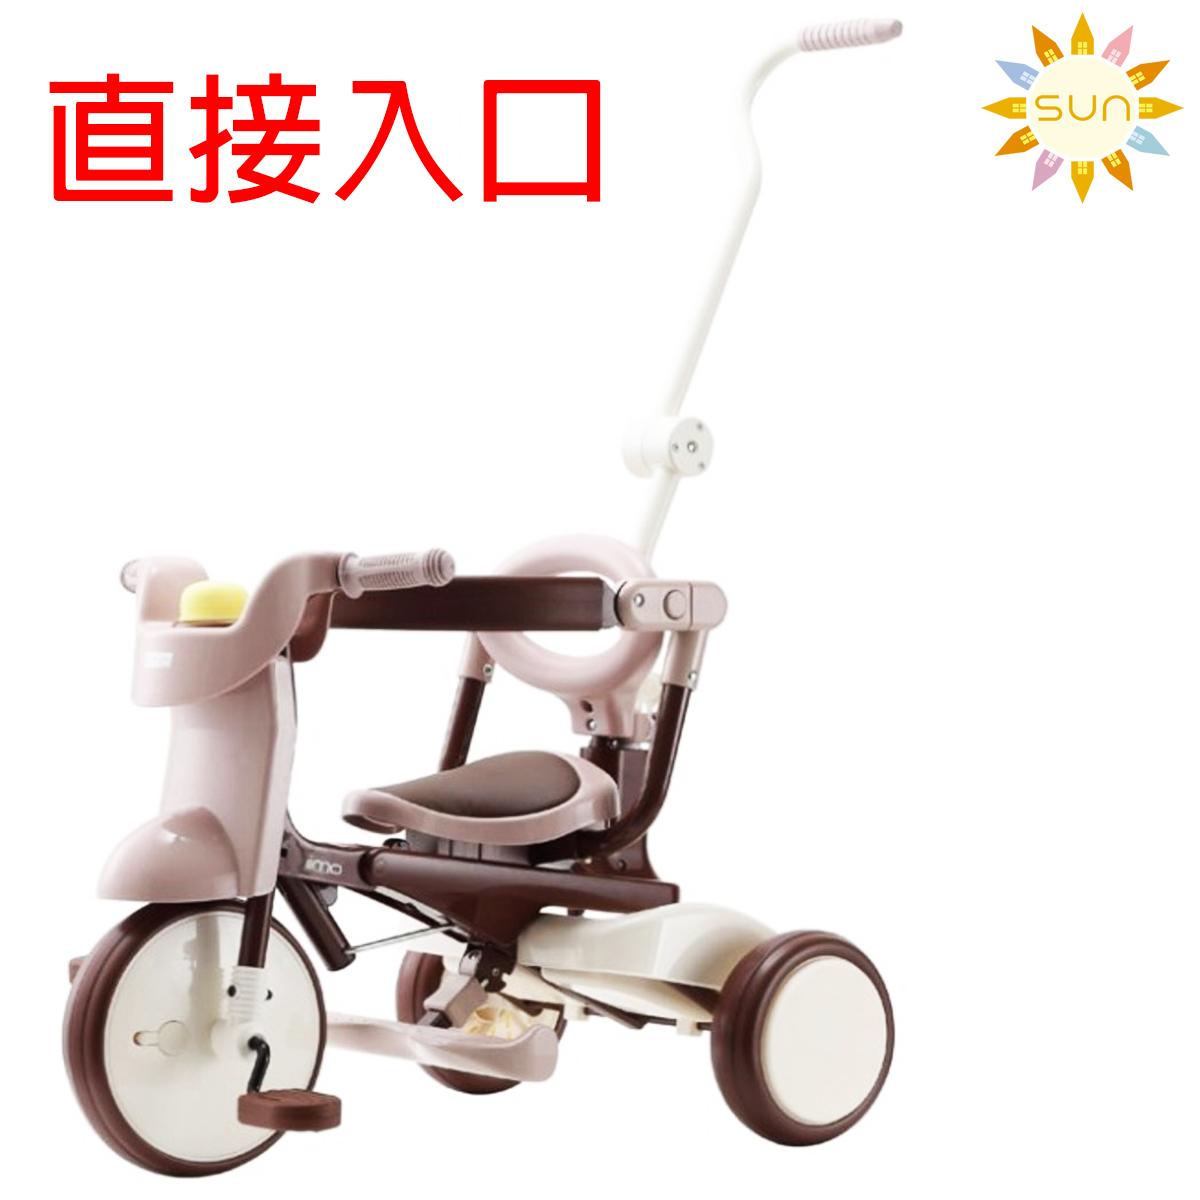 {特價两天} 第二代日本可摺疊兒童三輪車[啡]